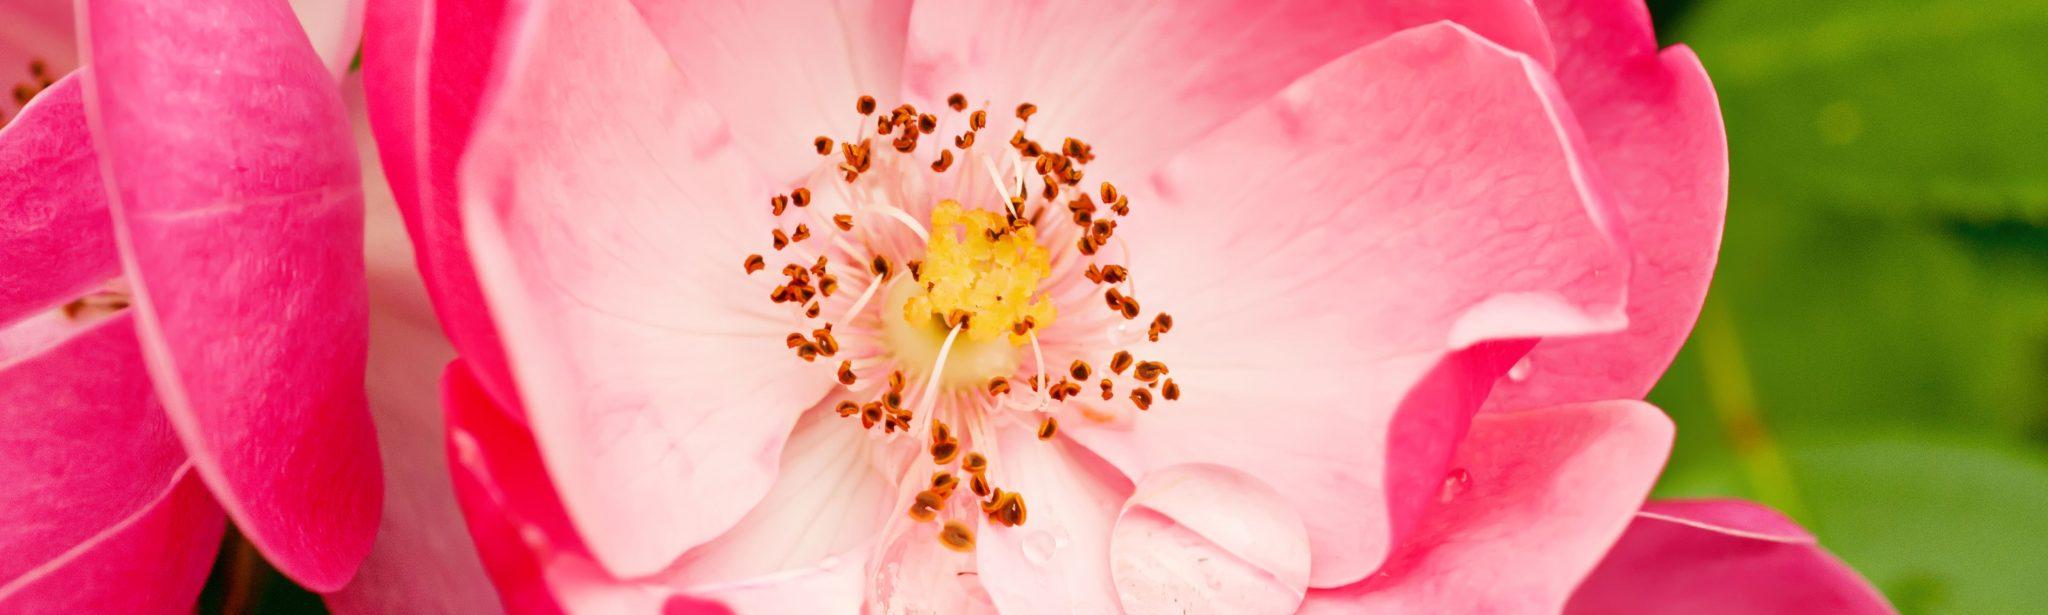 Rosehip Oil Benefits On Skin Germaine De Capuccini